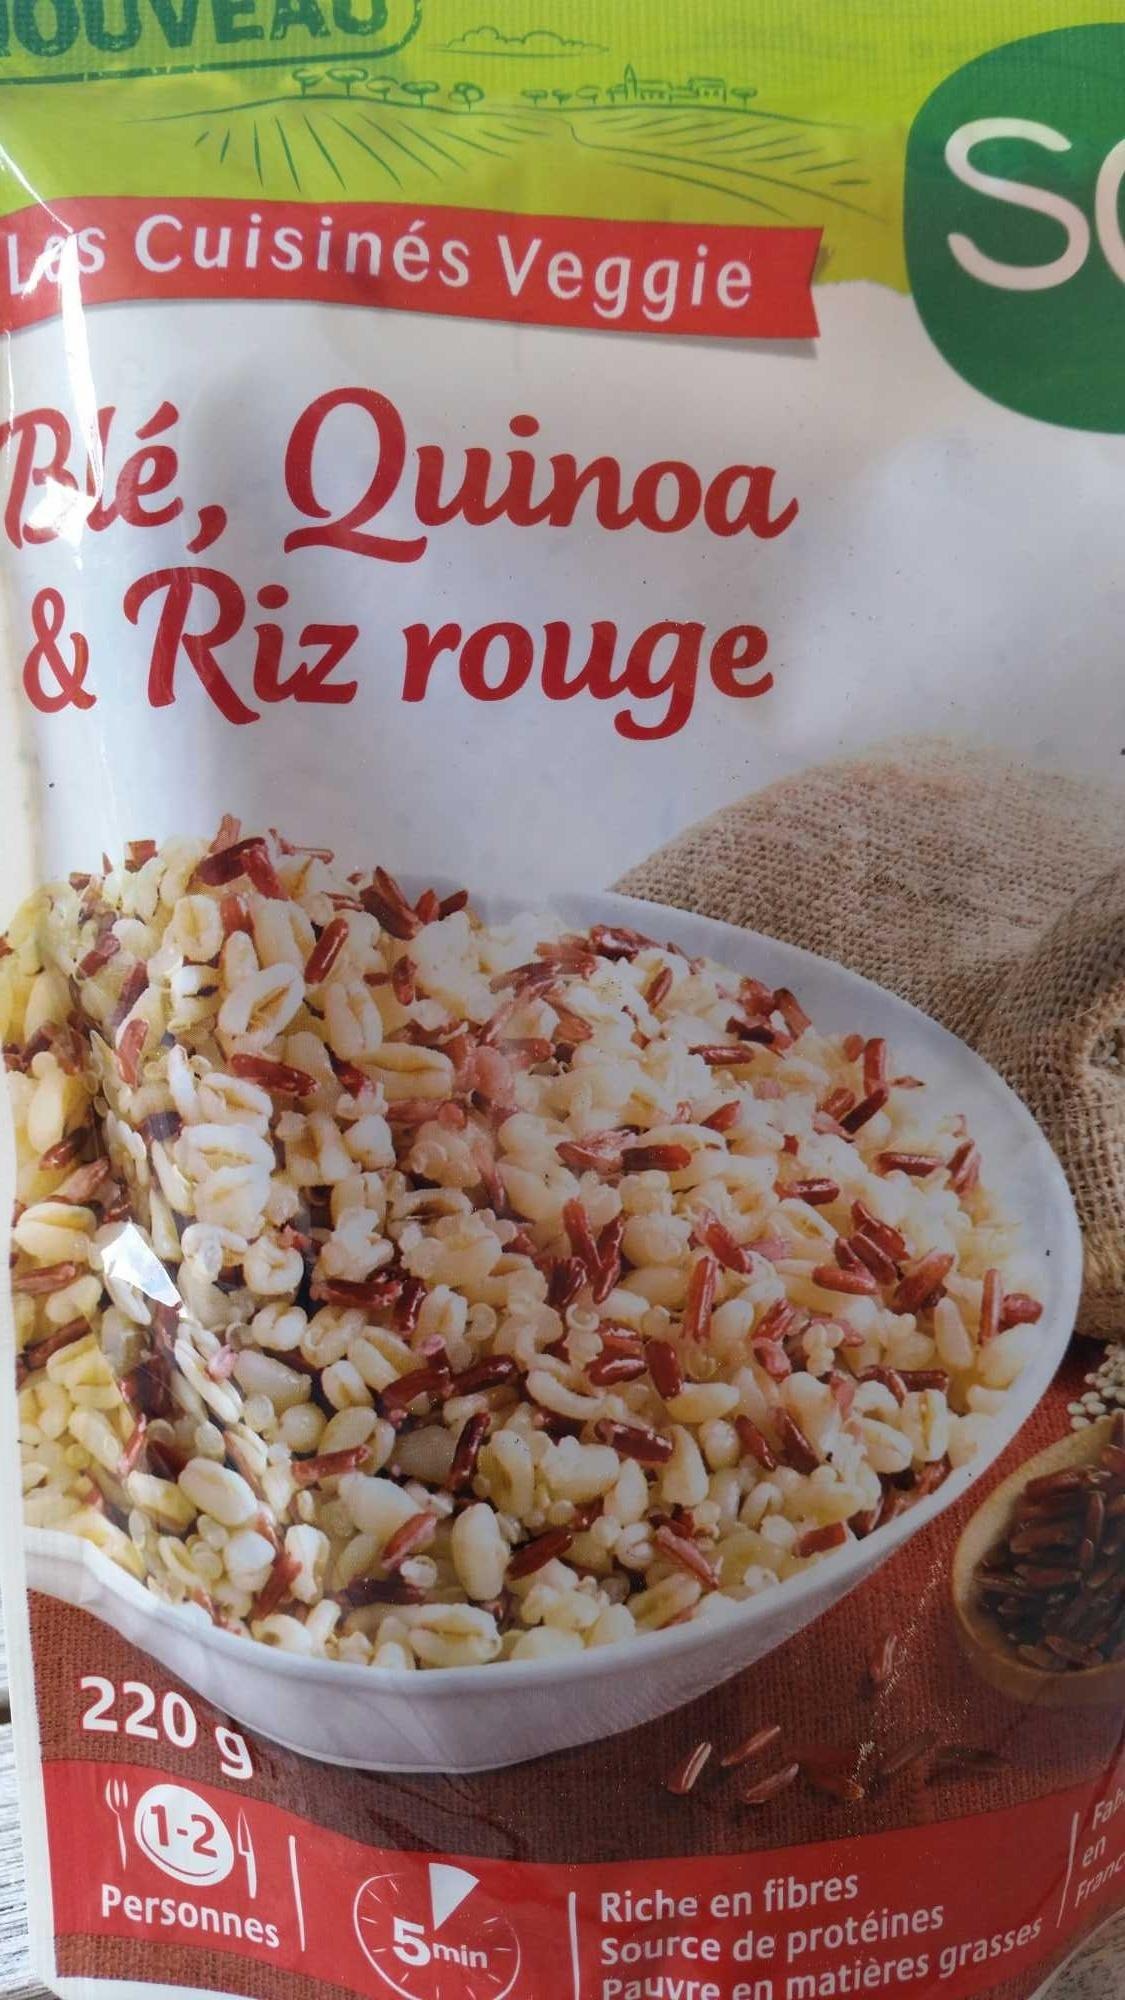 Blé, Quinoa & Riz rouge  Soy  220 g